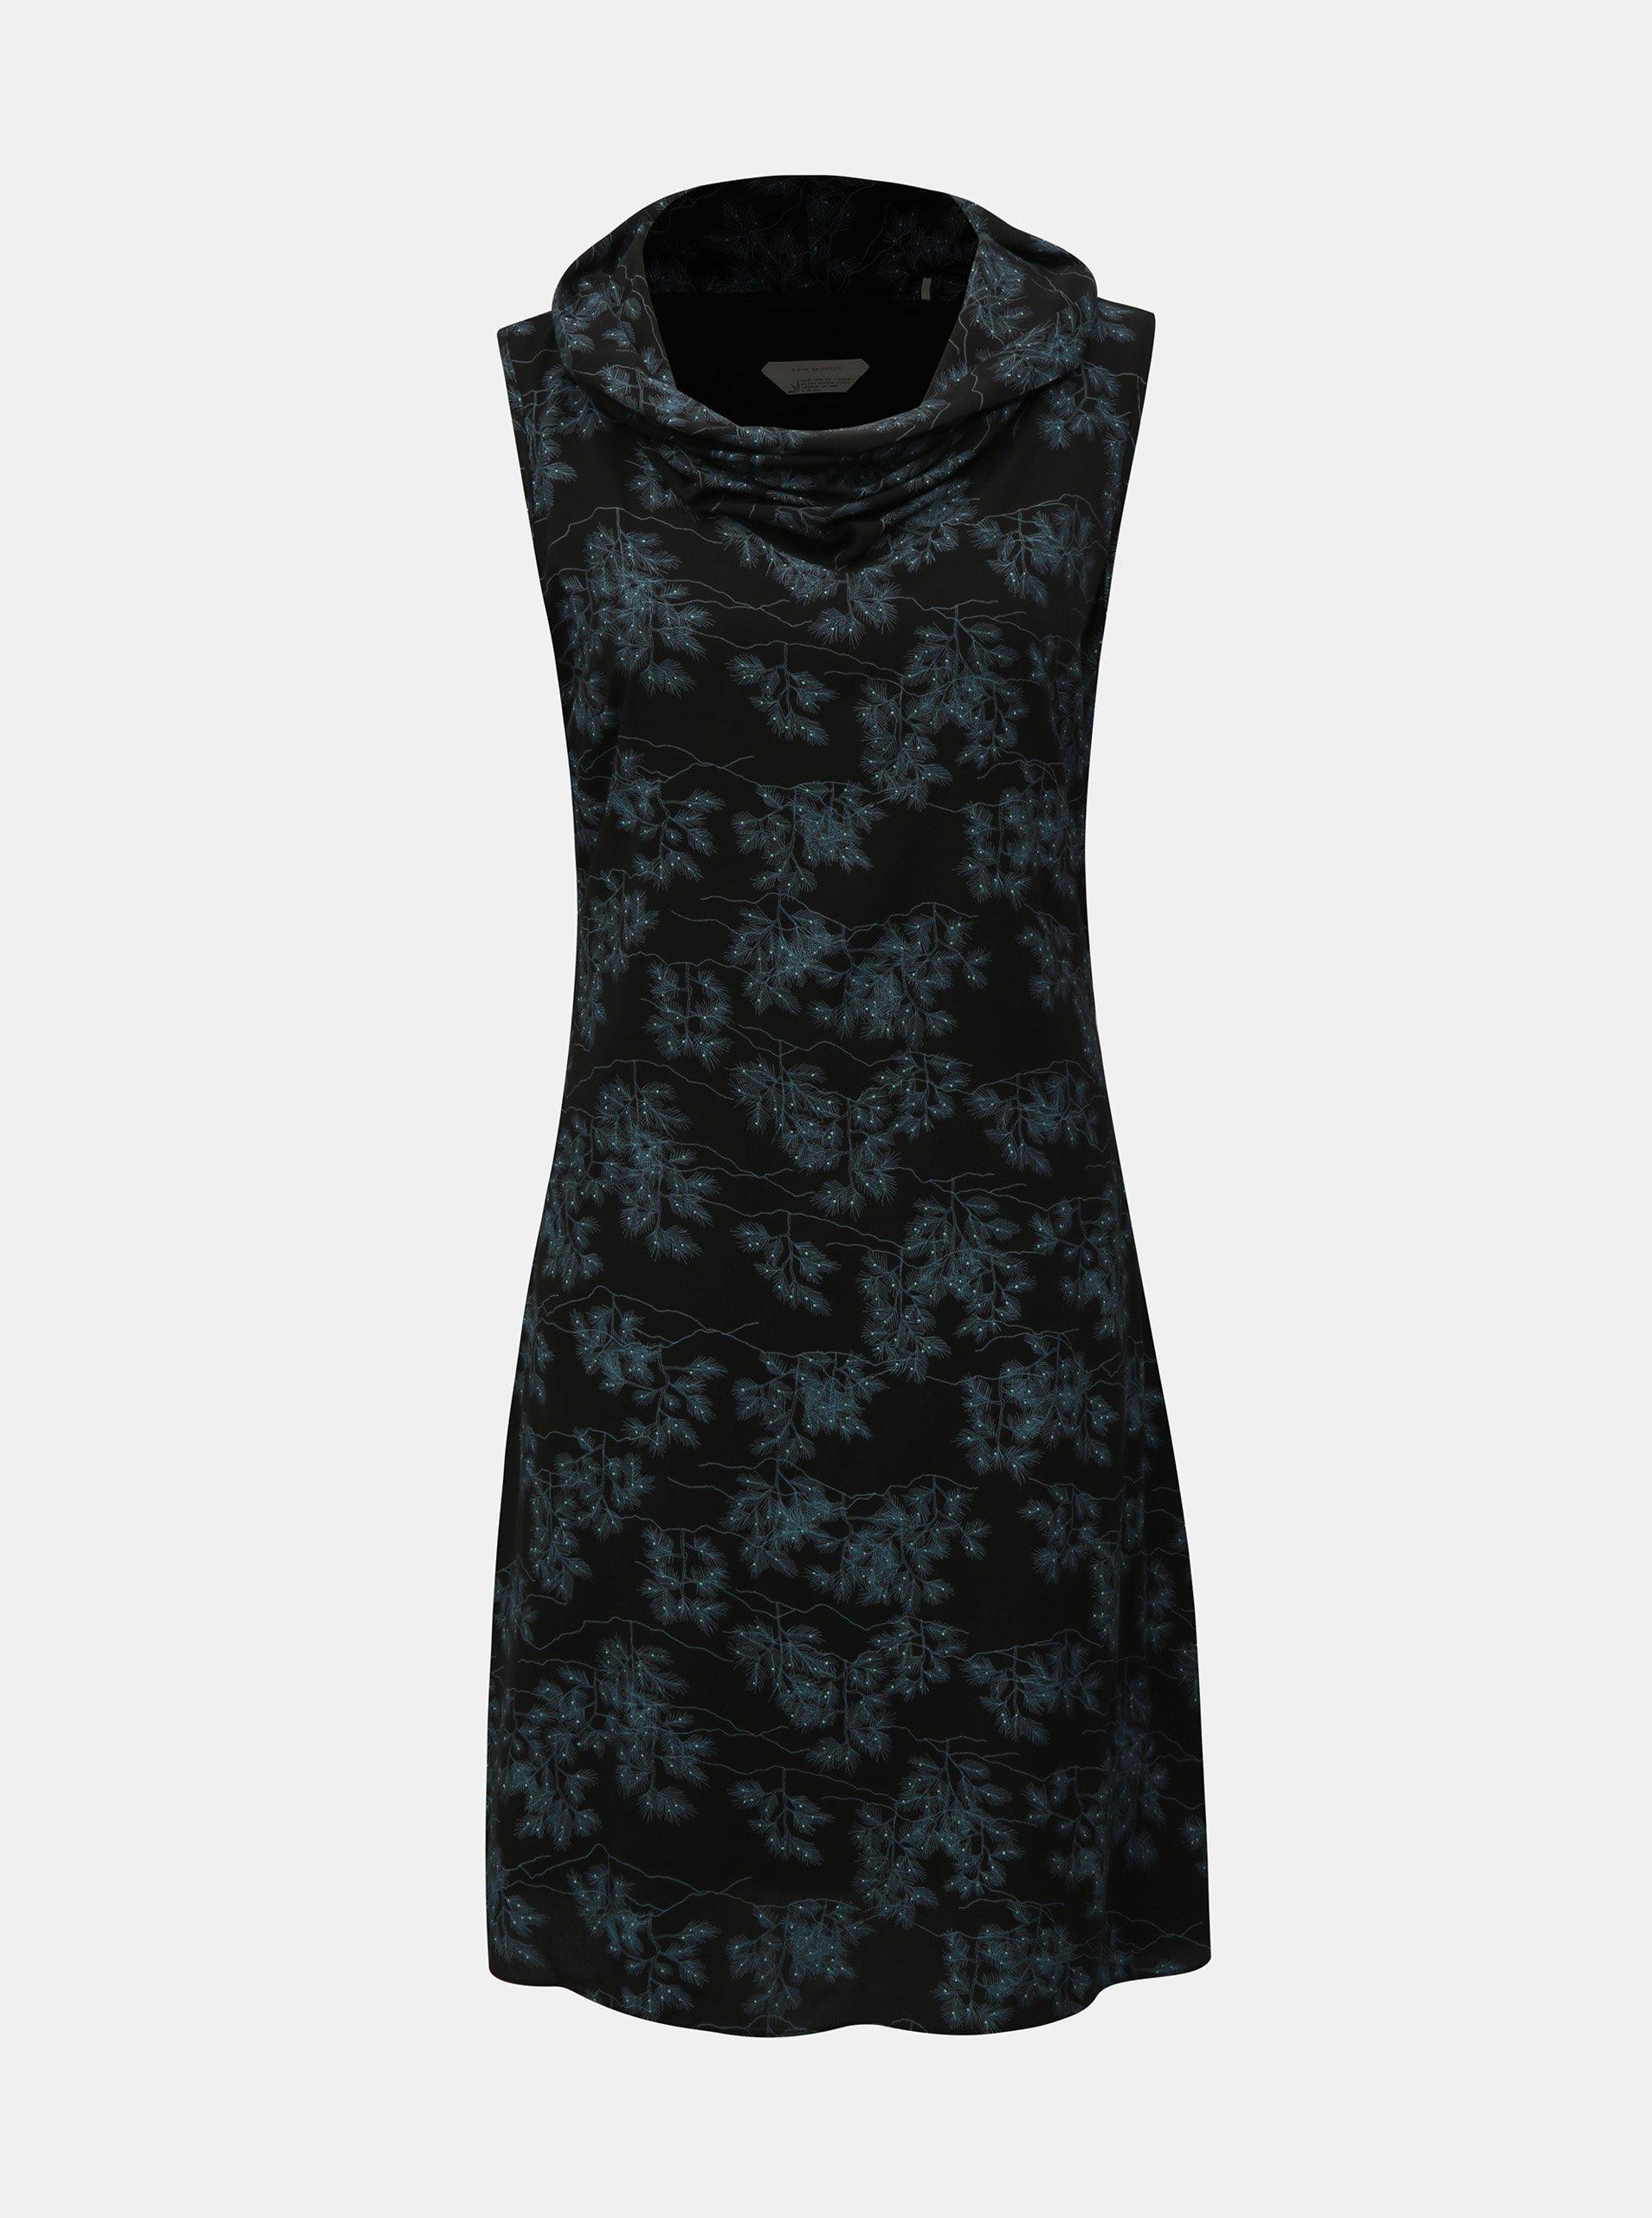 Modro-černé šaty bez rukávů SKFK